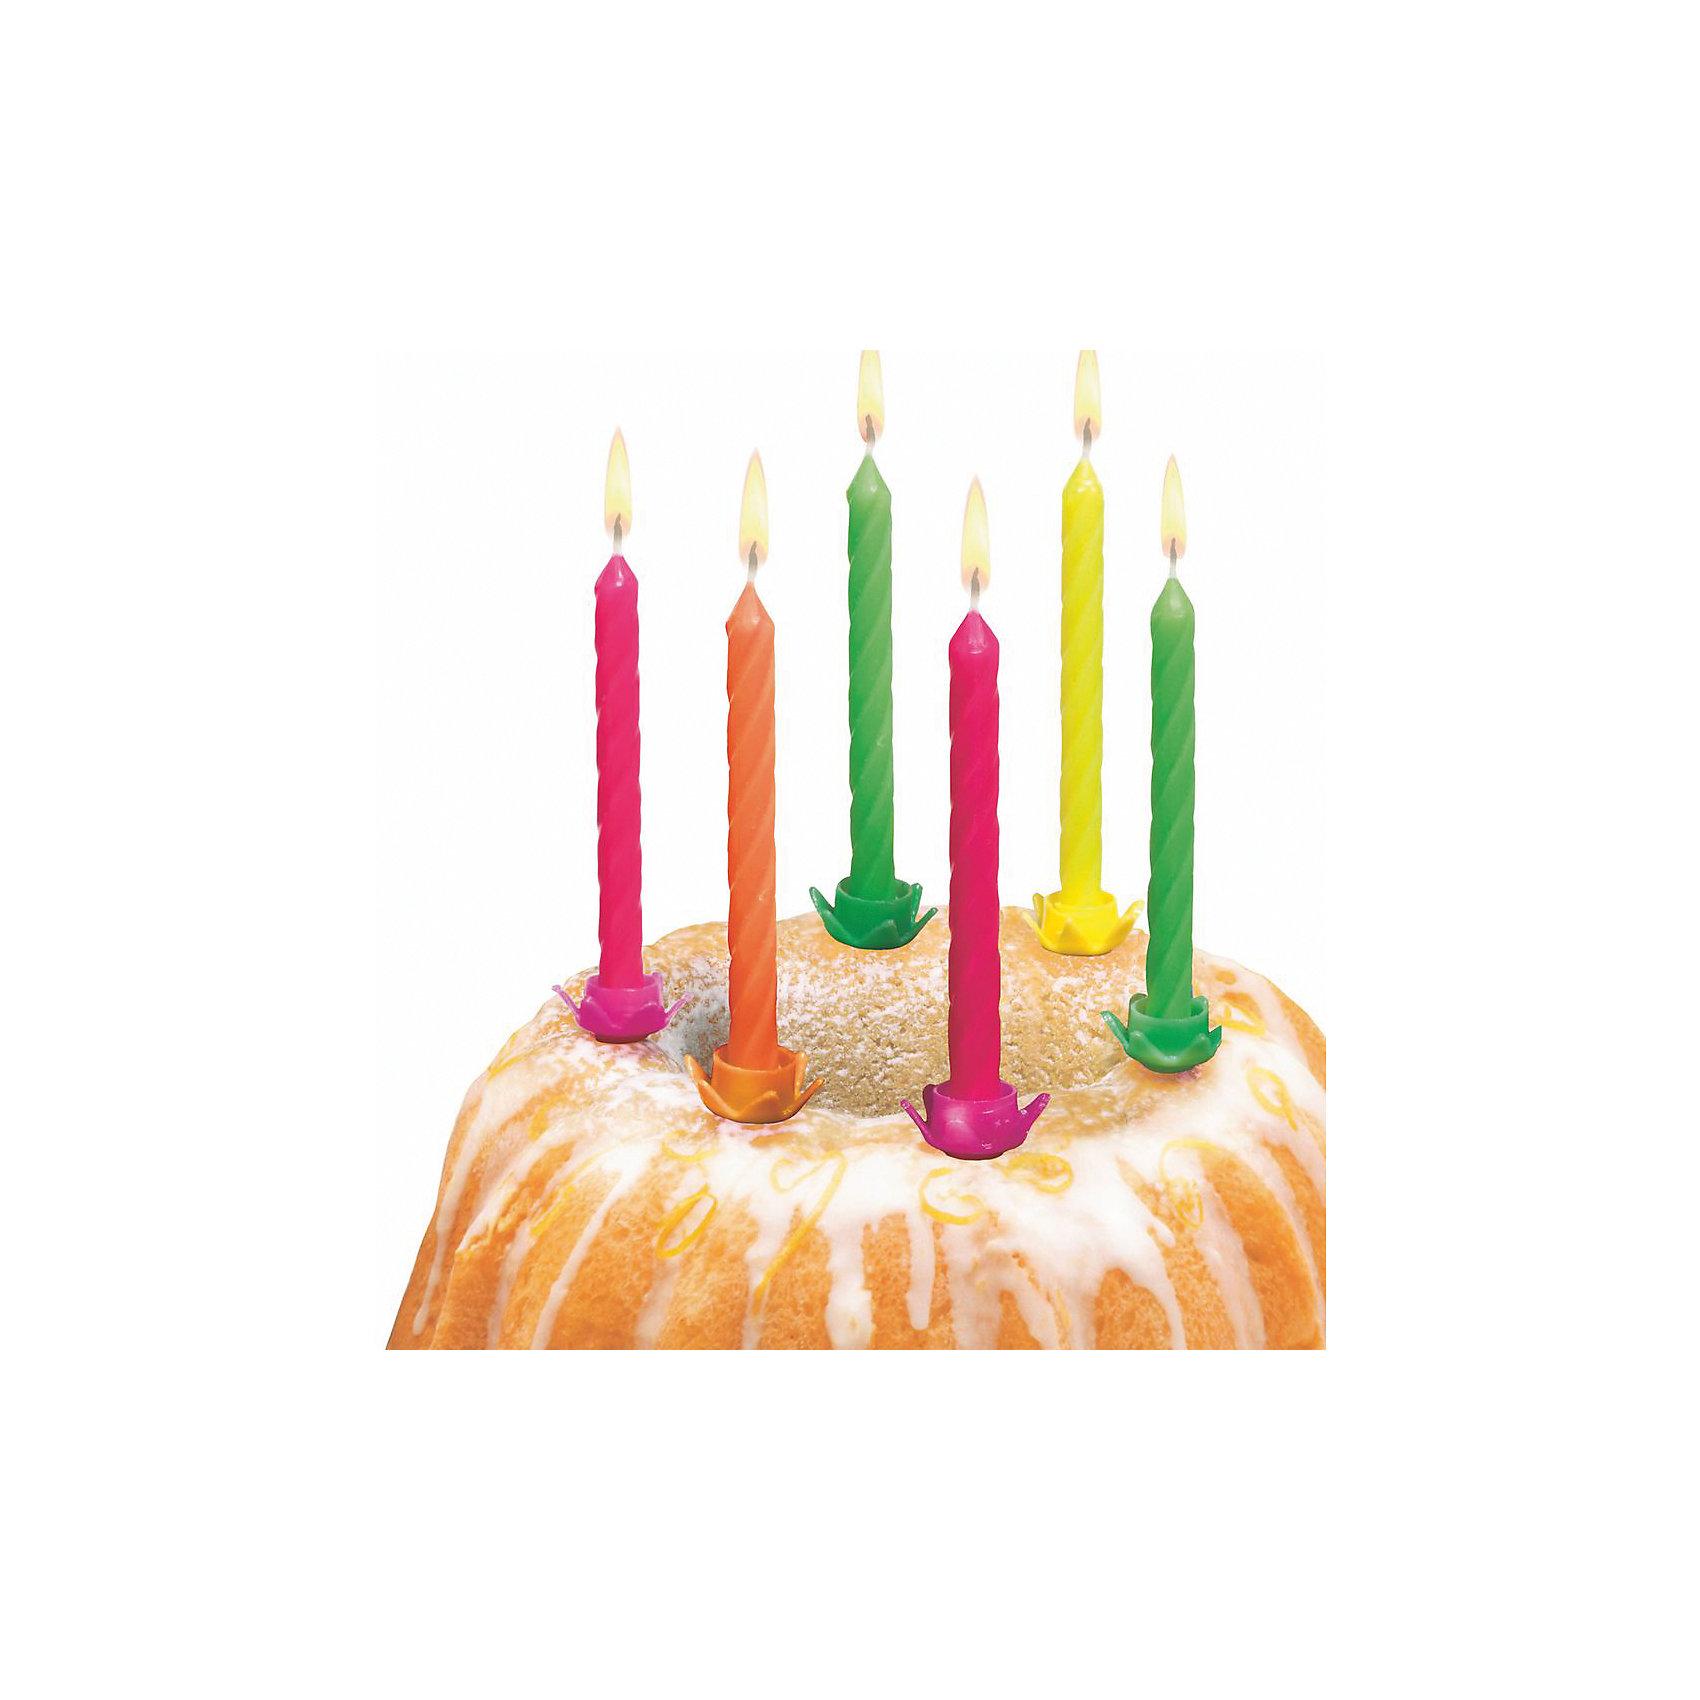 верхней свечка на торте картинка другой